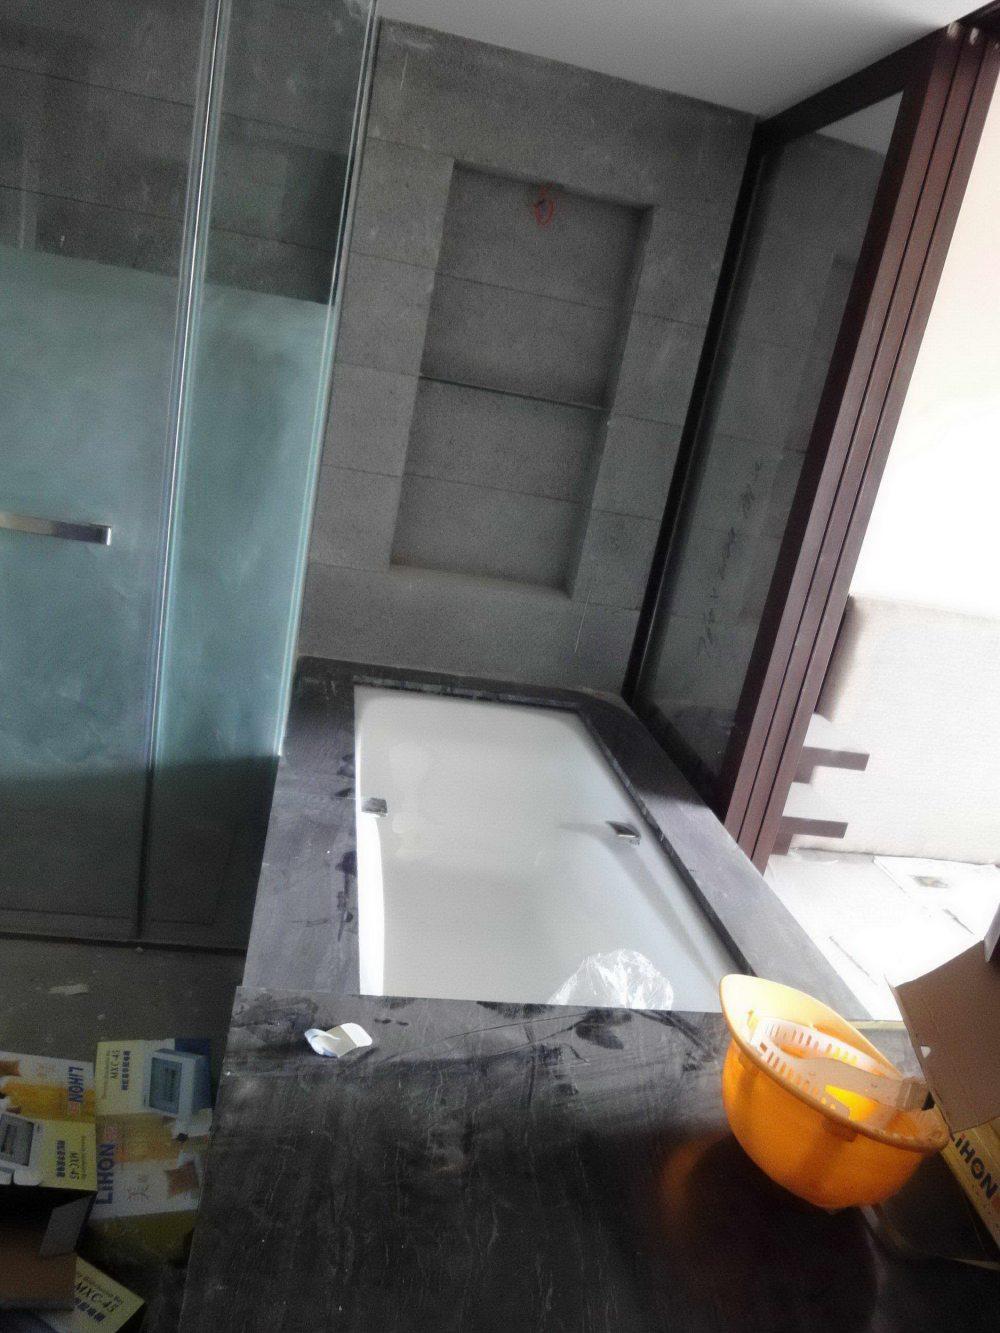 云南丽江铂尔曼渡假酒店(Lijiang Pullman Hotel)(CCD)(第8页更新)_DSC05230.jpg